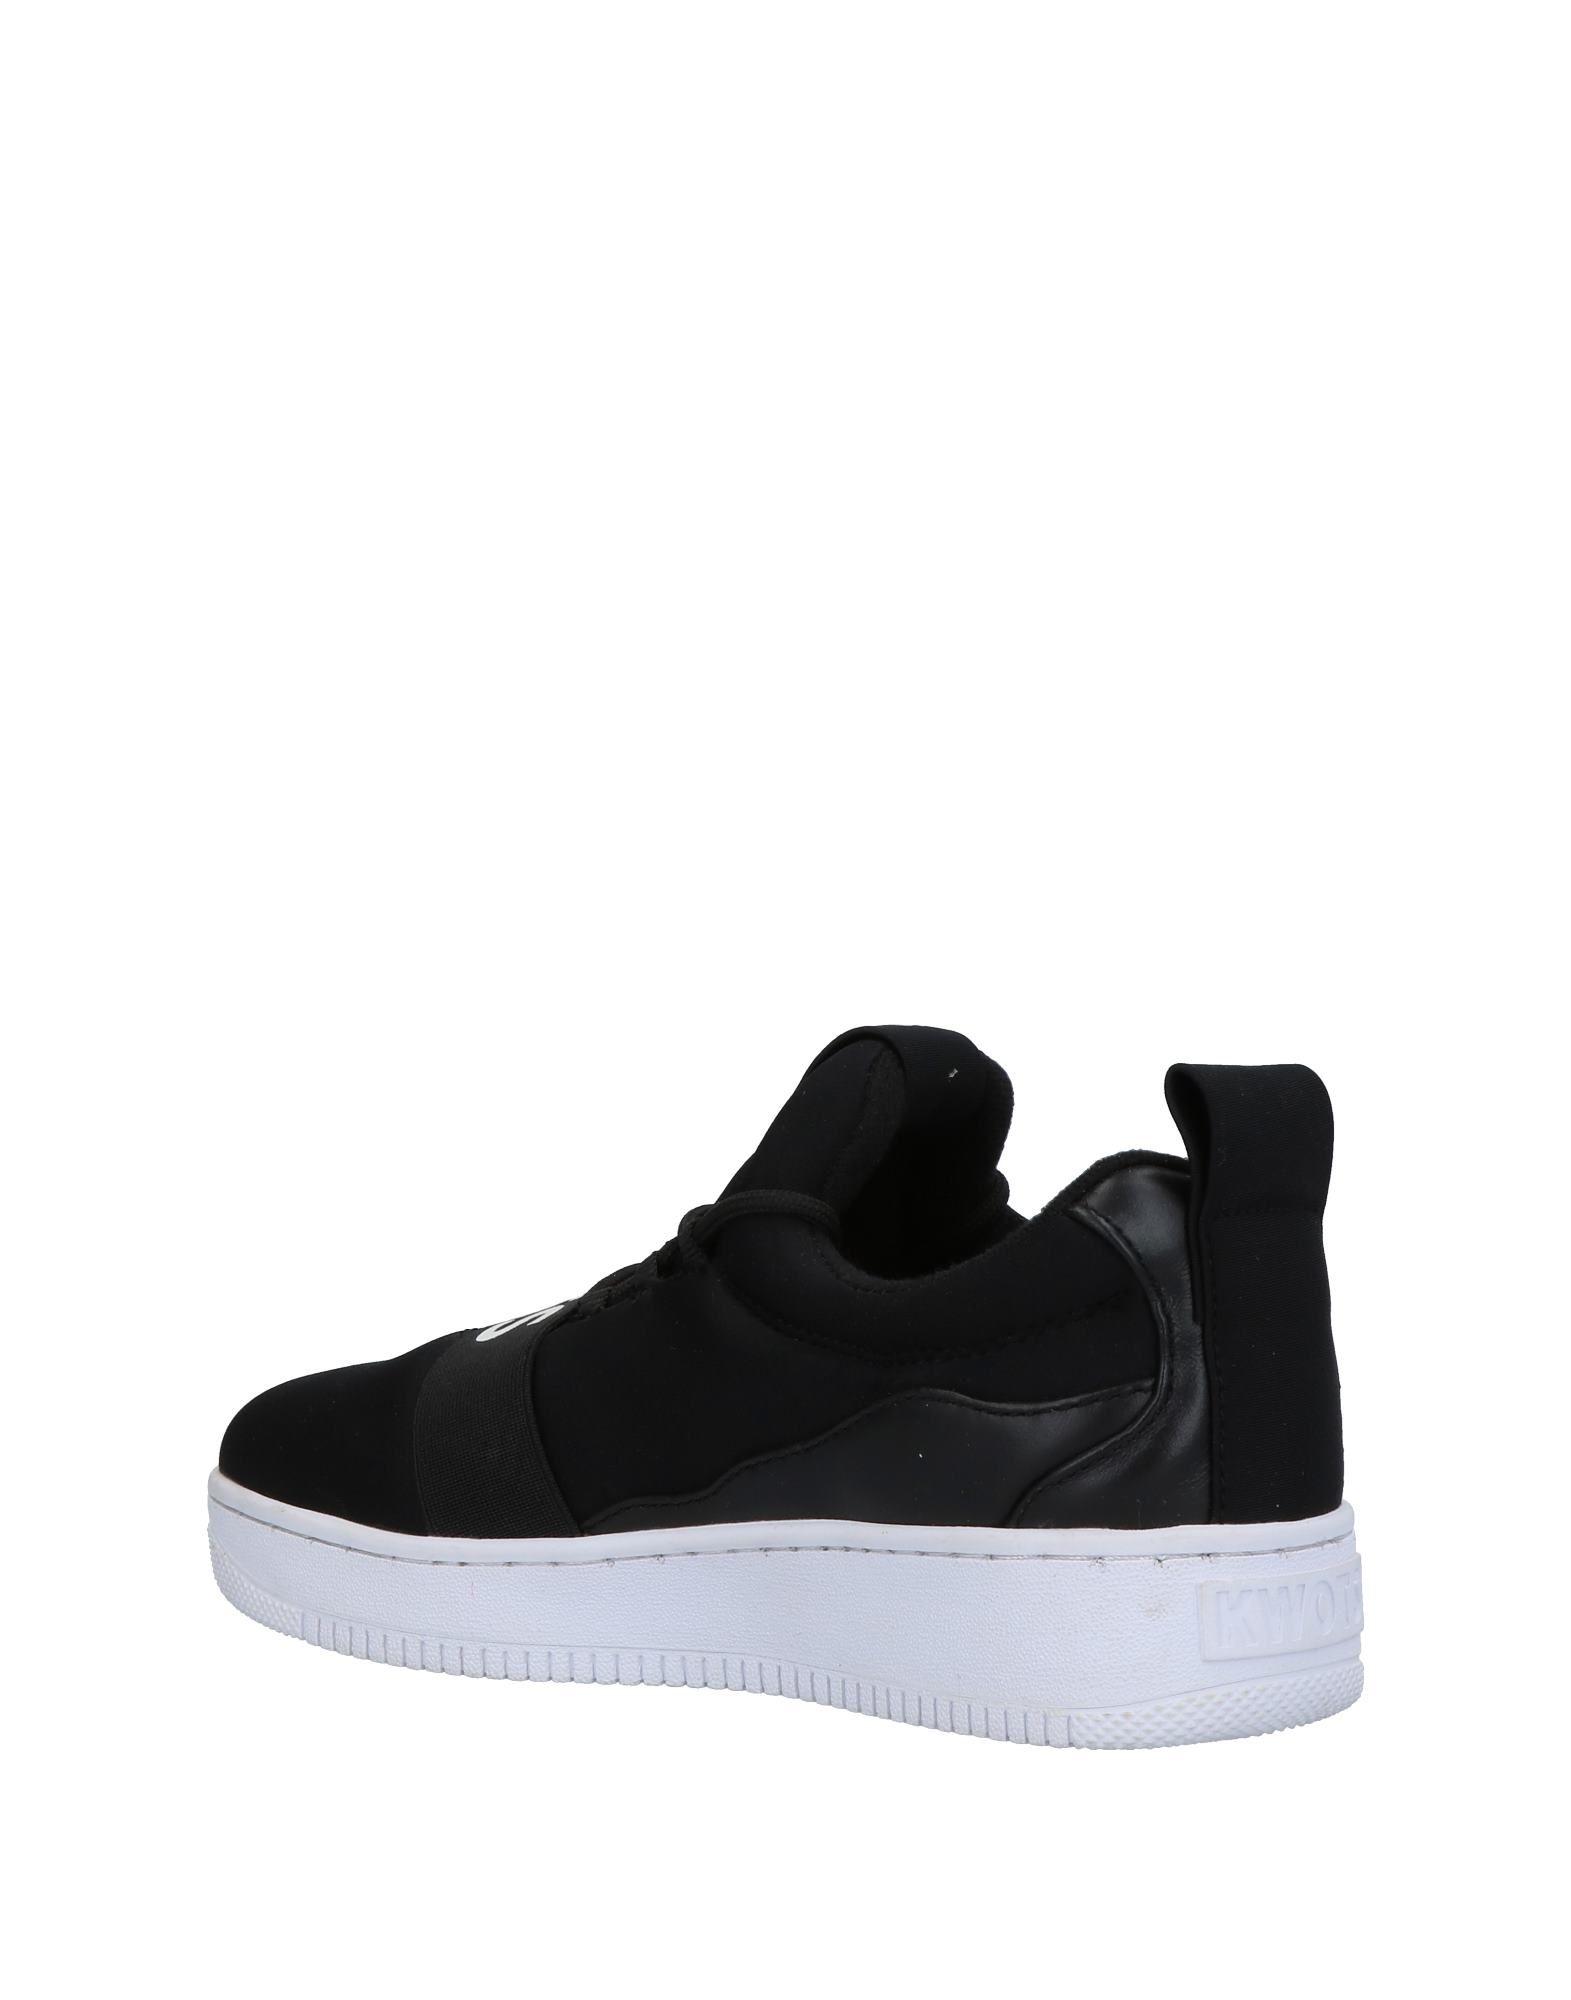 Sneakers Kwots Femme - Sneakers Kwots sur